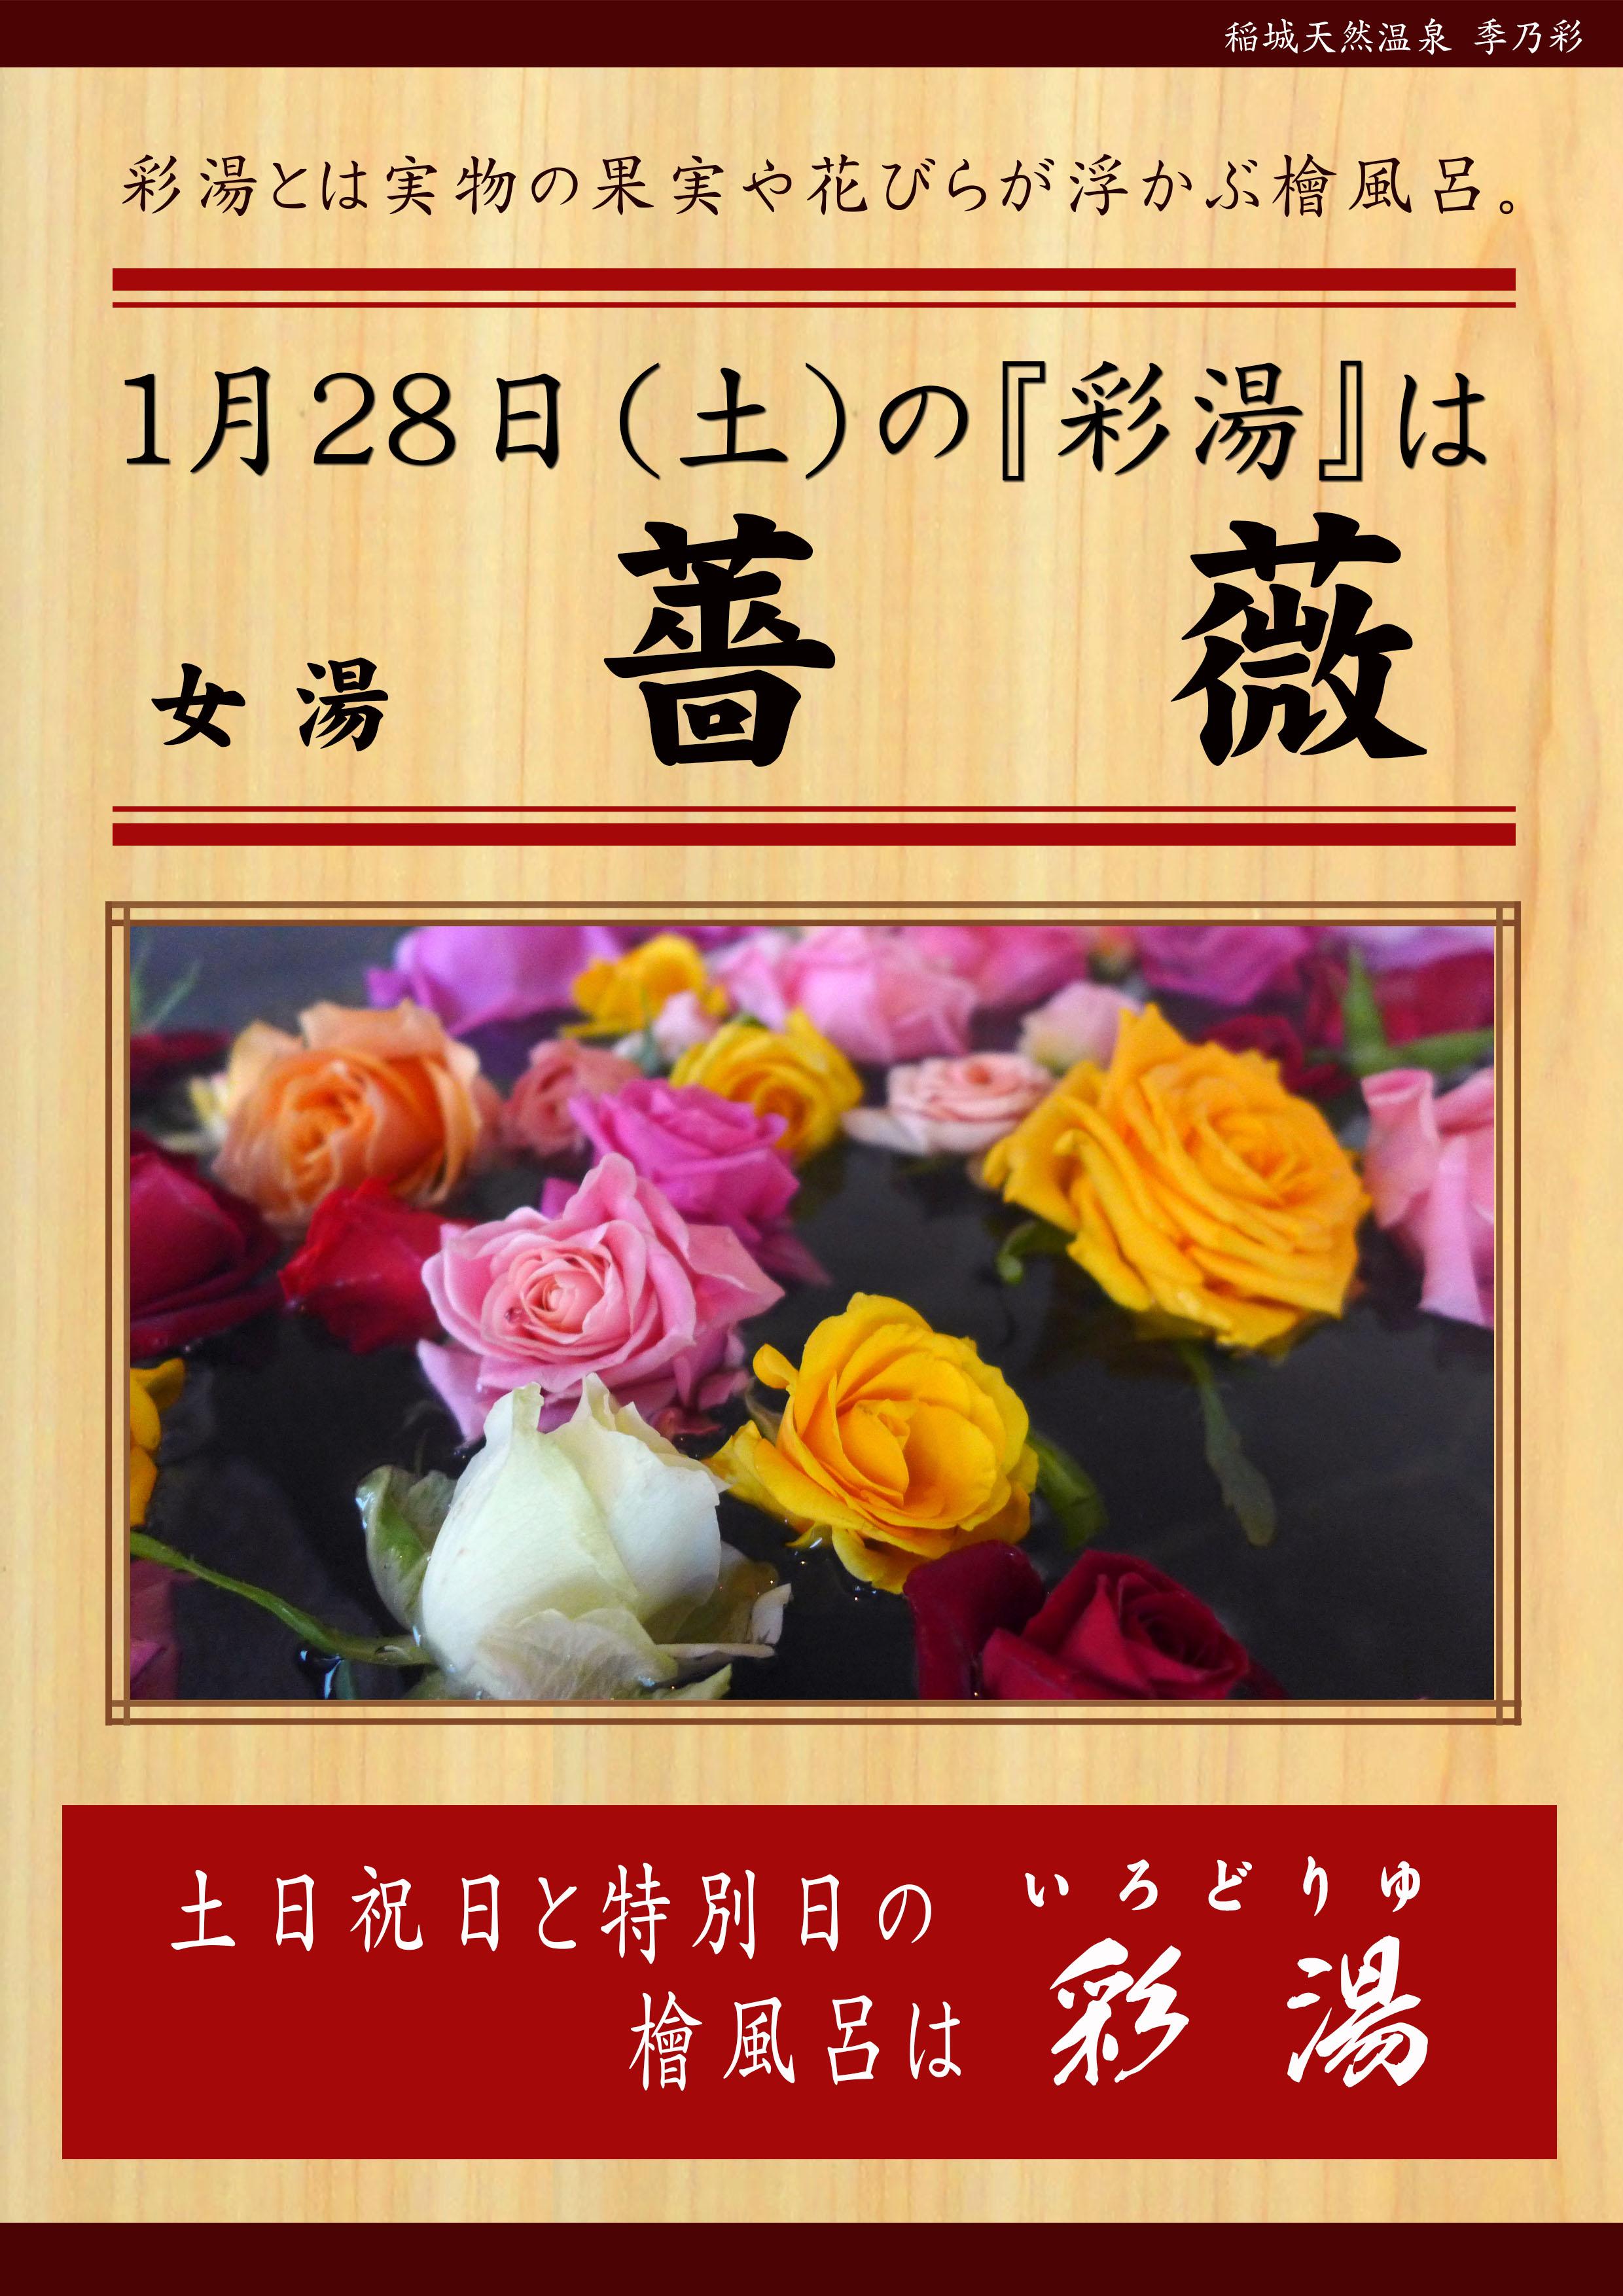 20170128POP イベント 彩湯 女湯 薔薇